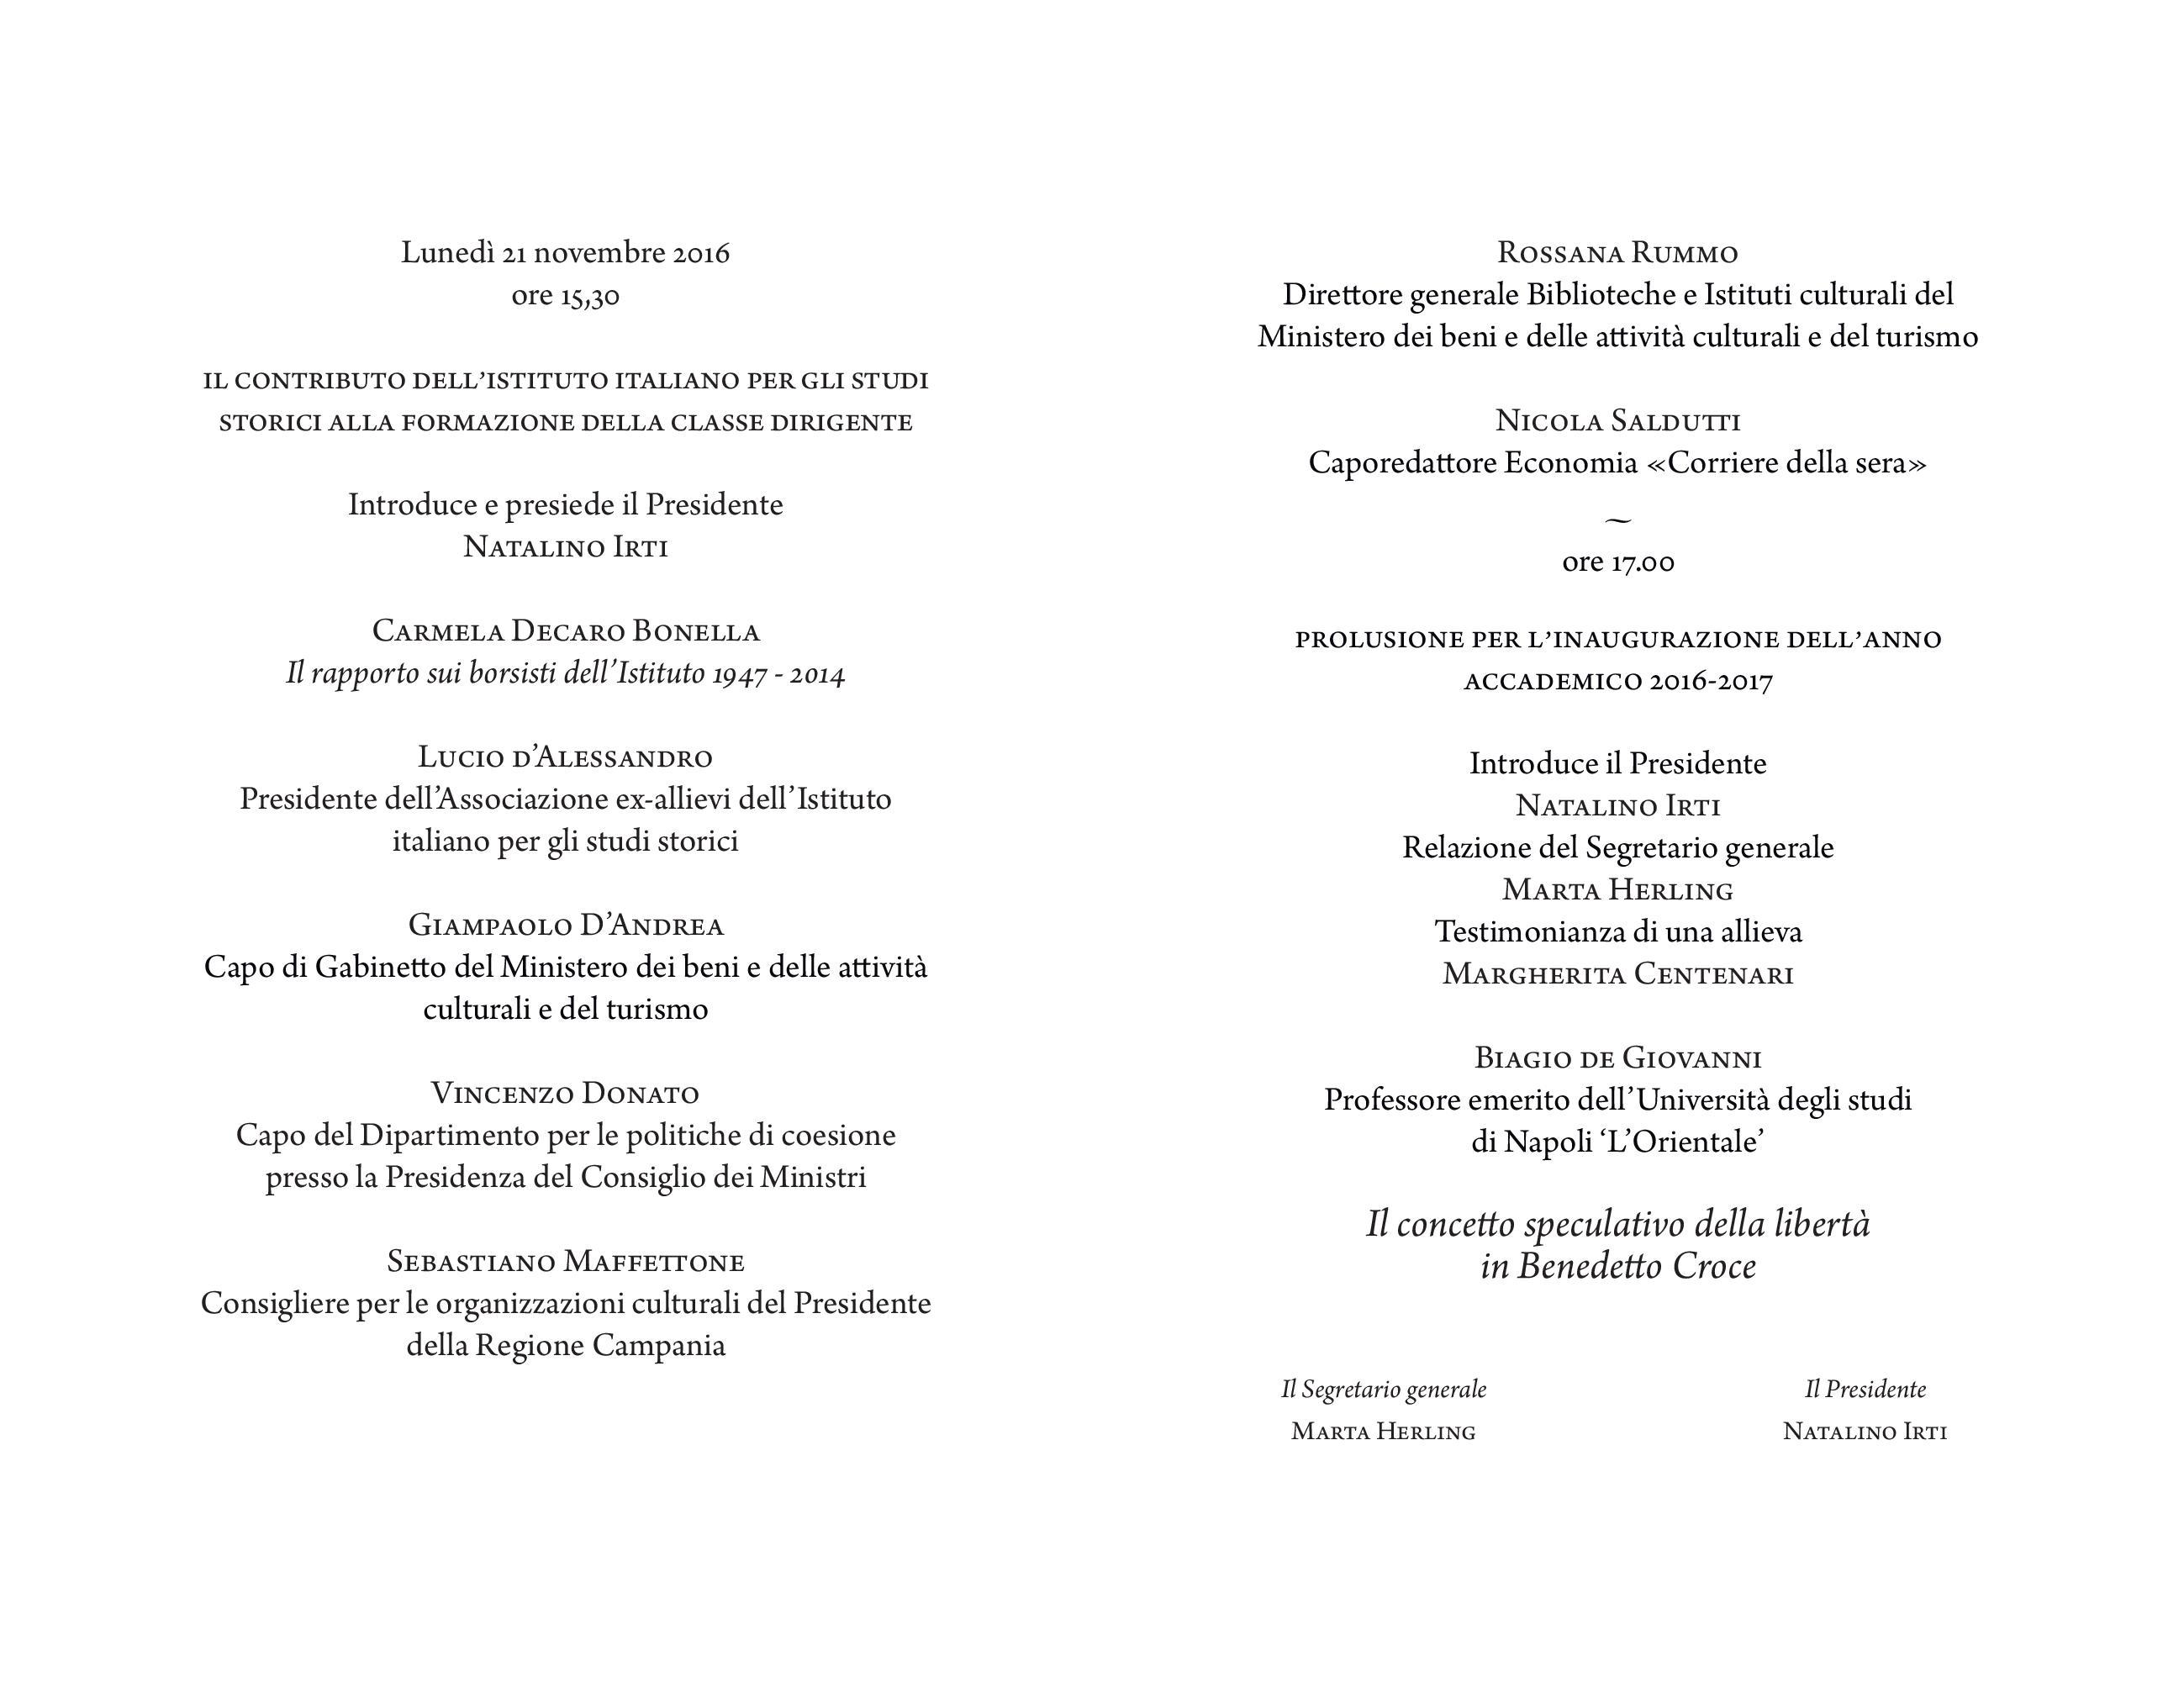 Inaugurazione dellanno accademico 2016 – 2017 nel 150° anniversario ...